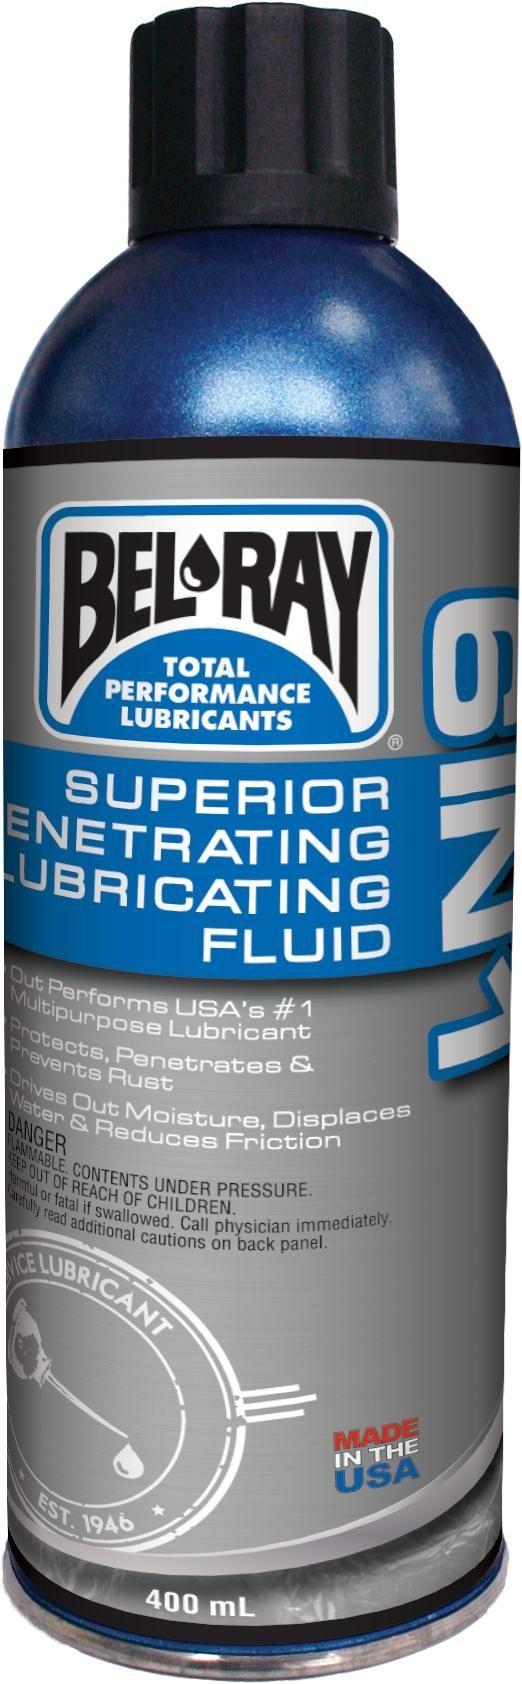 Bel-Ray 6-IN-1 Multipurpose Lubricating Spay 400 ml